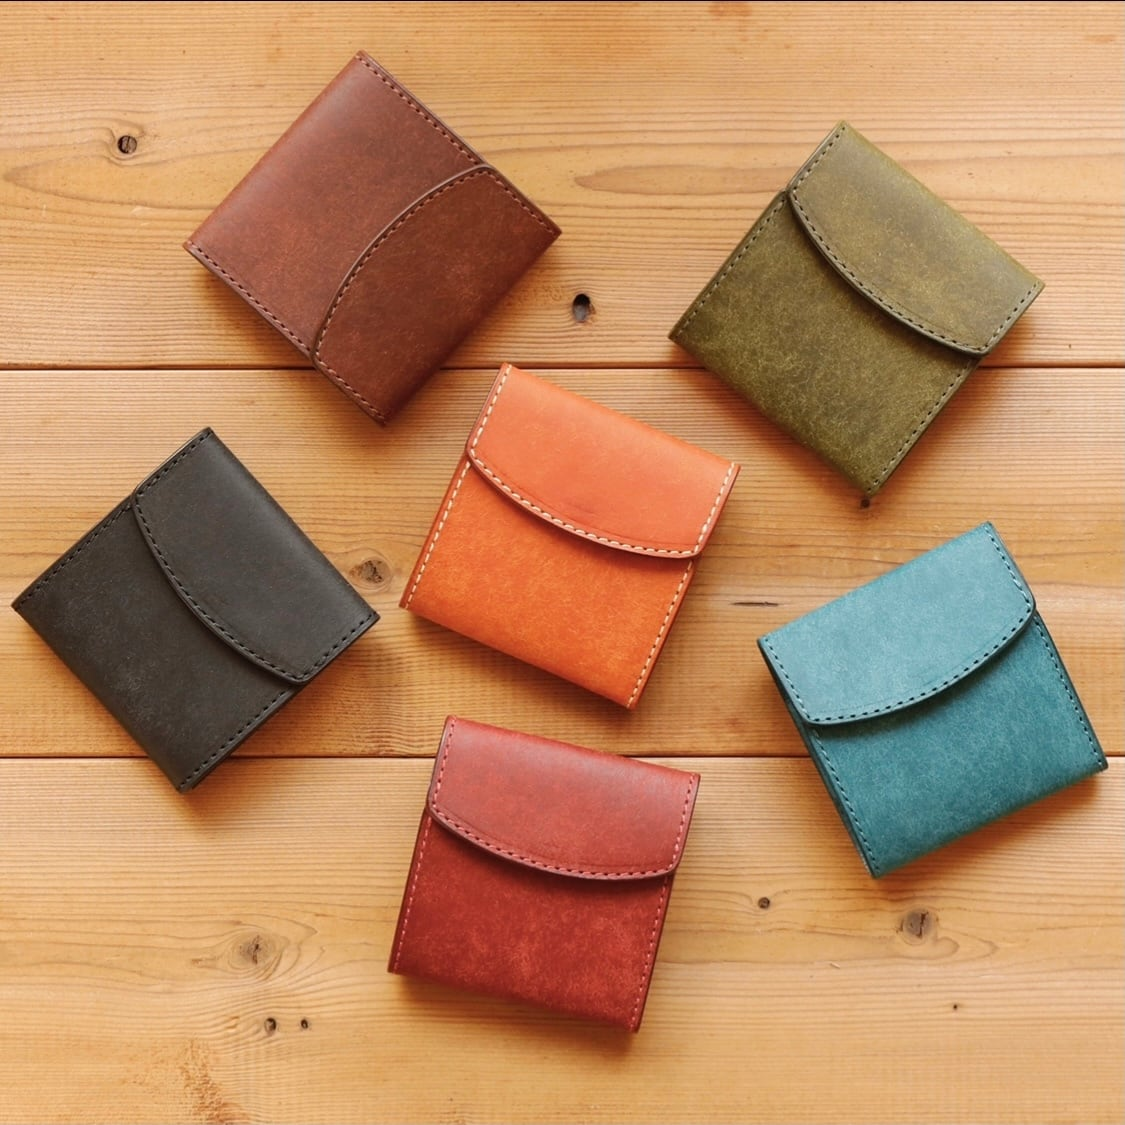 【新作】小さく 薄い財布「POCKET」 / 各色